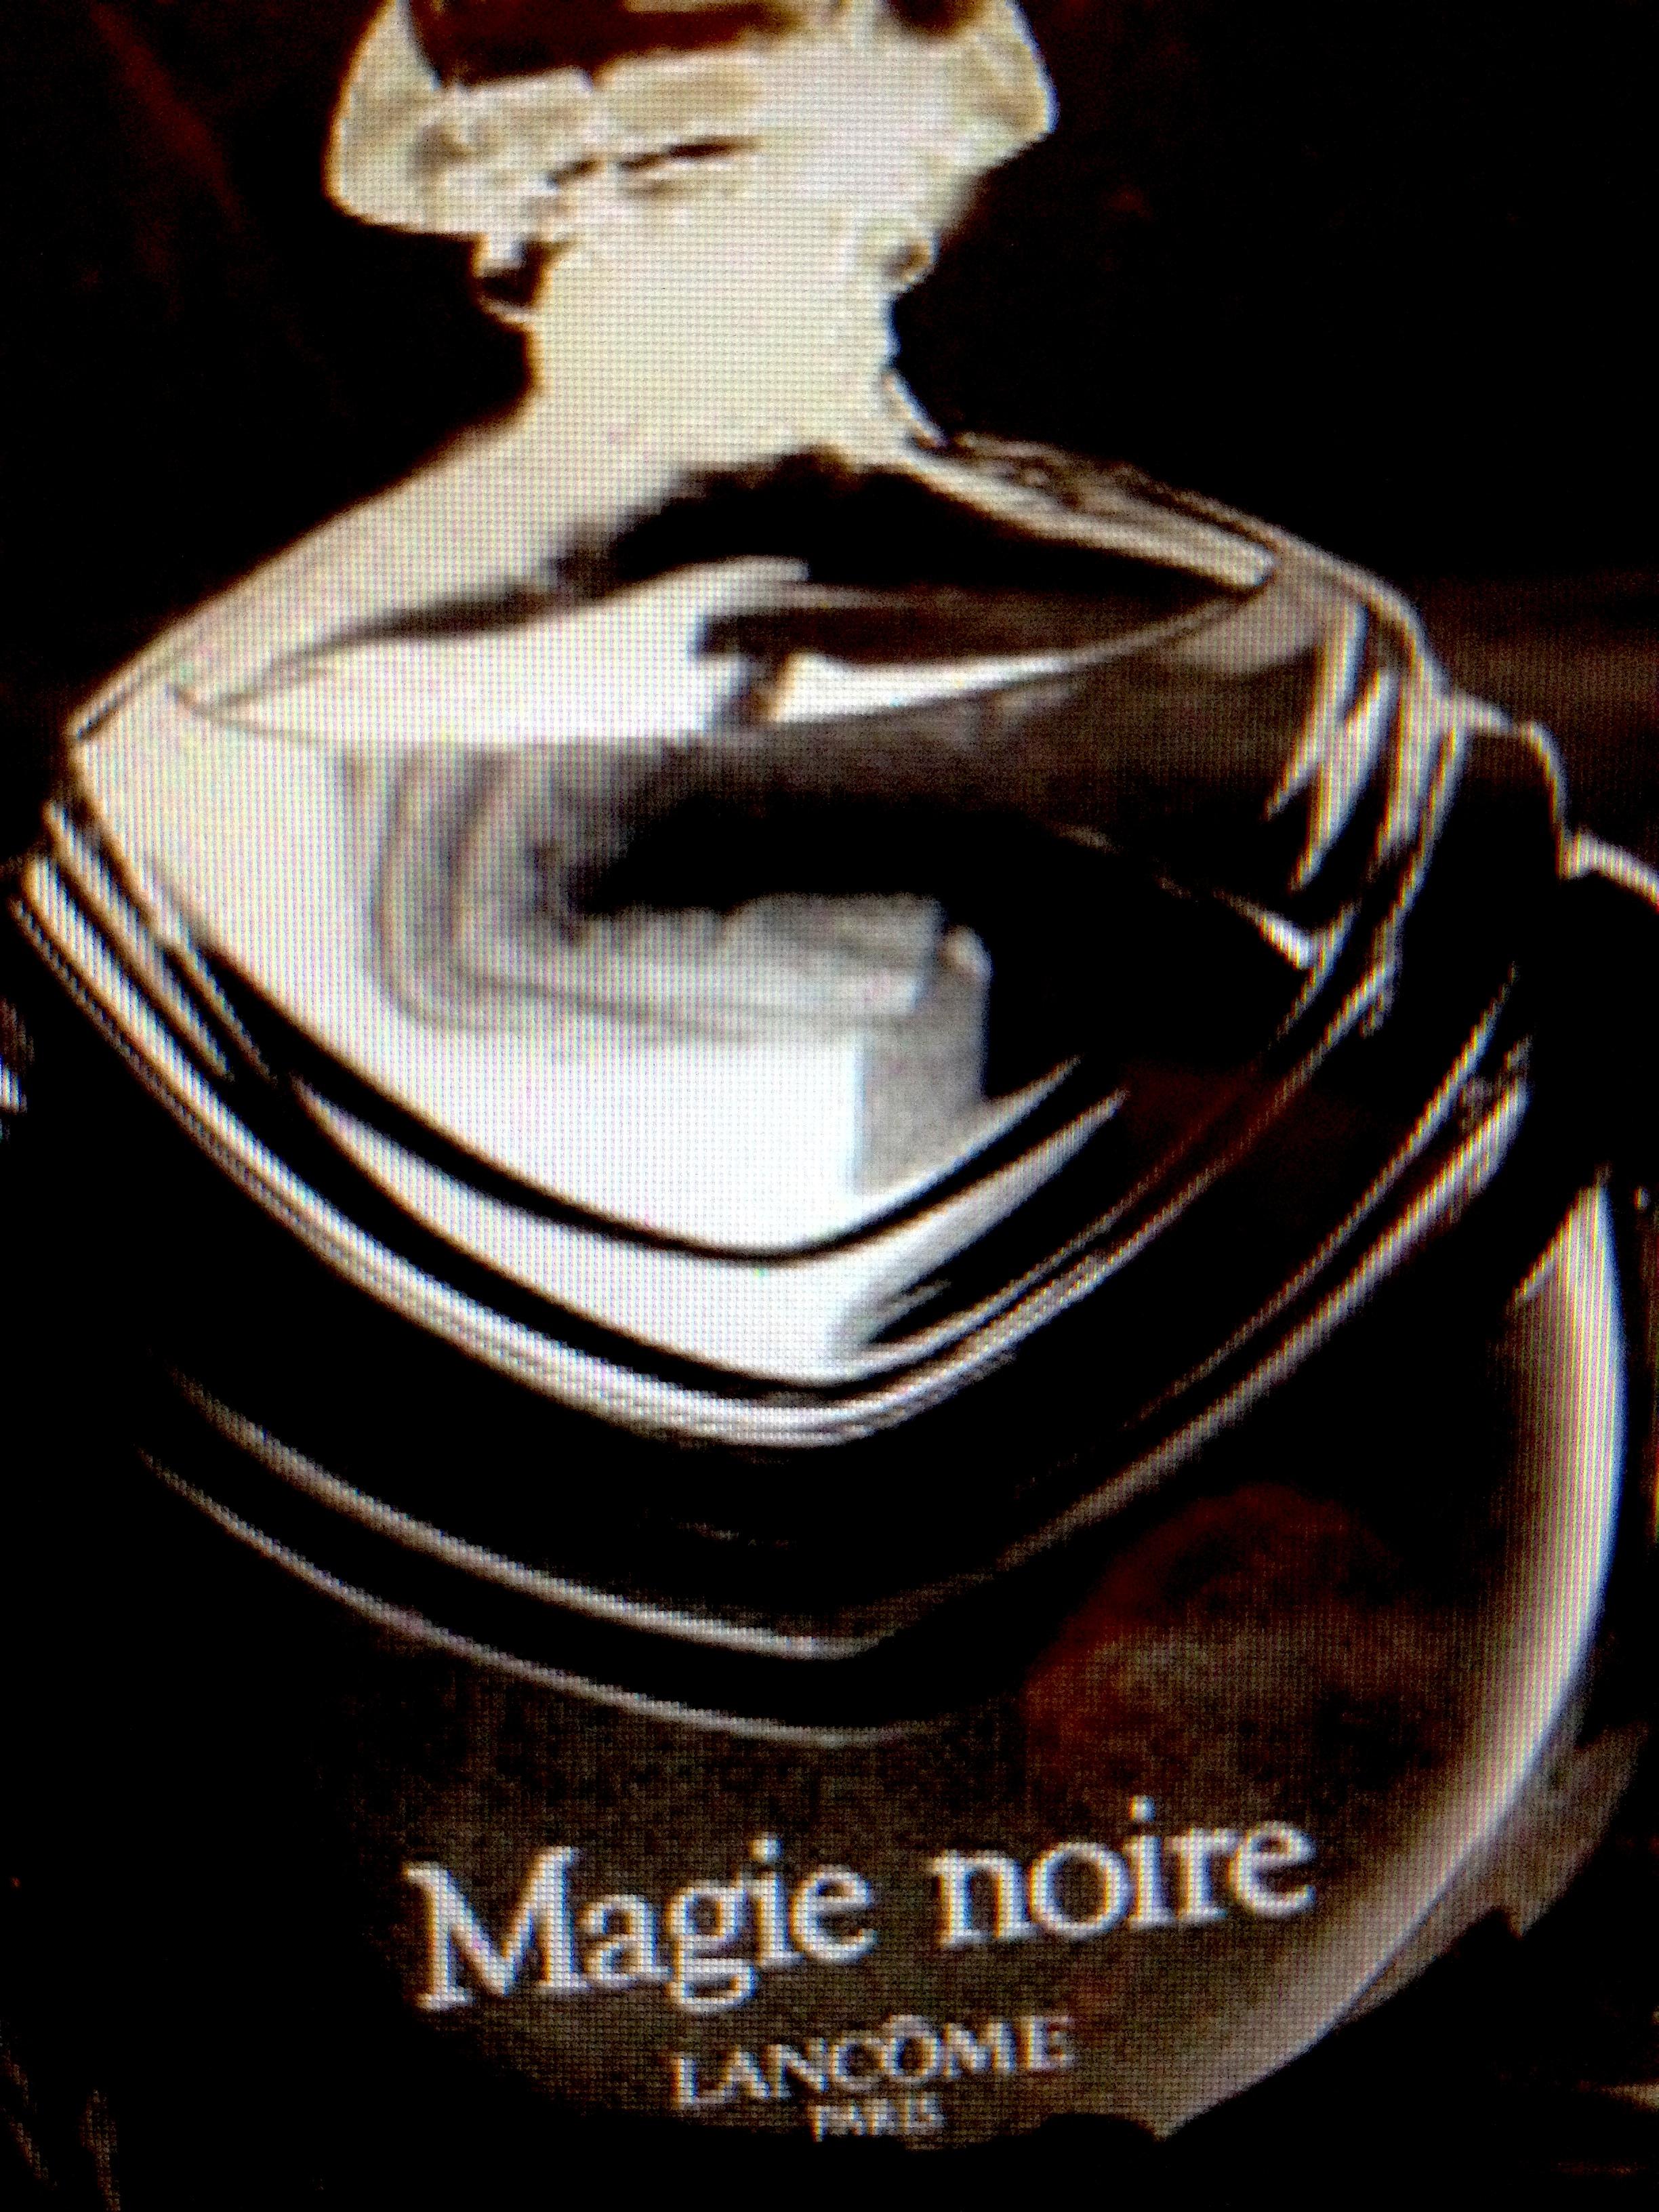 Witchy Parfum Paloma The ChypresMon Picasso1984Magie By ZOikTPXu